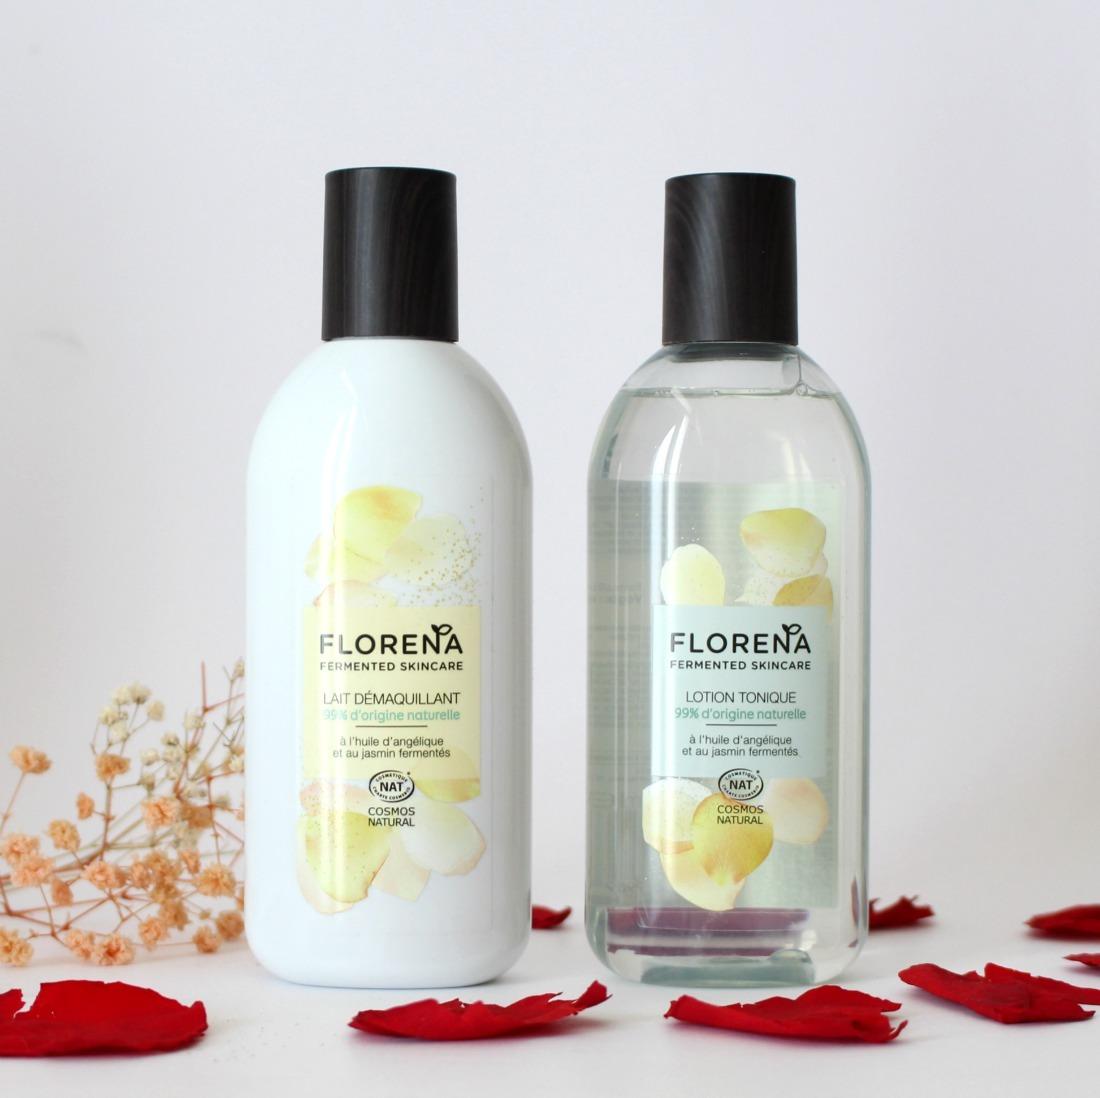 lotion tonique florena